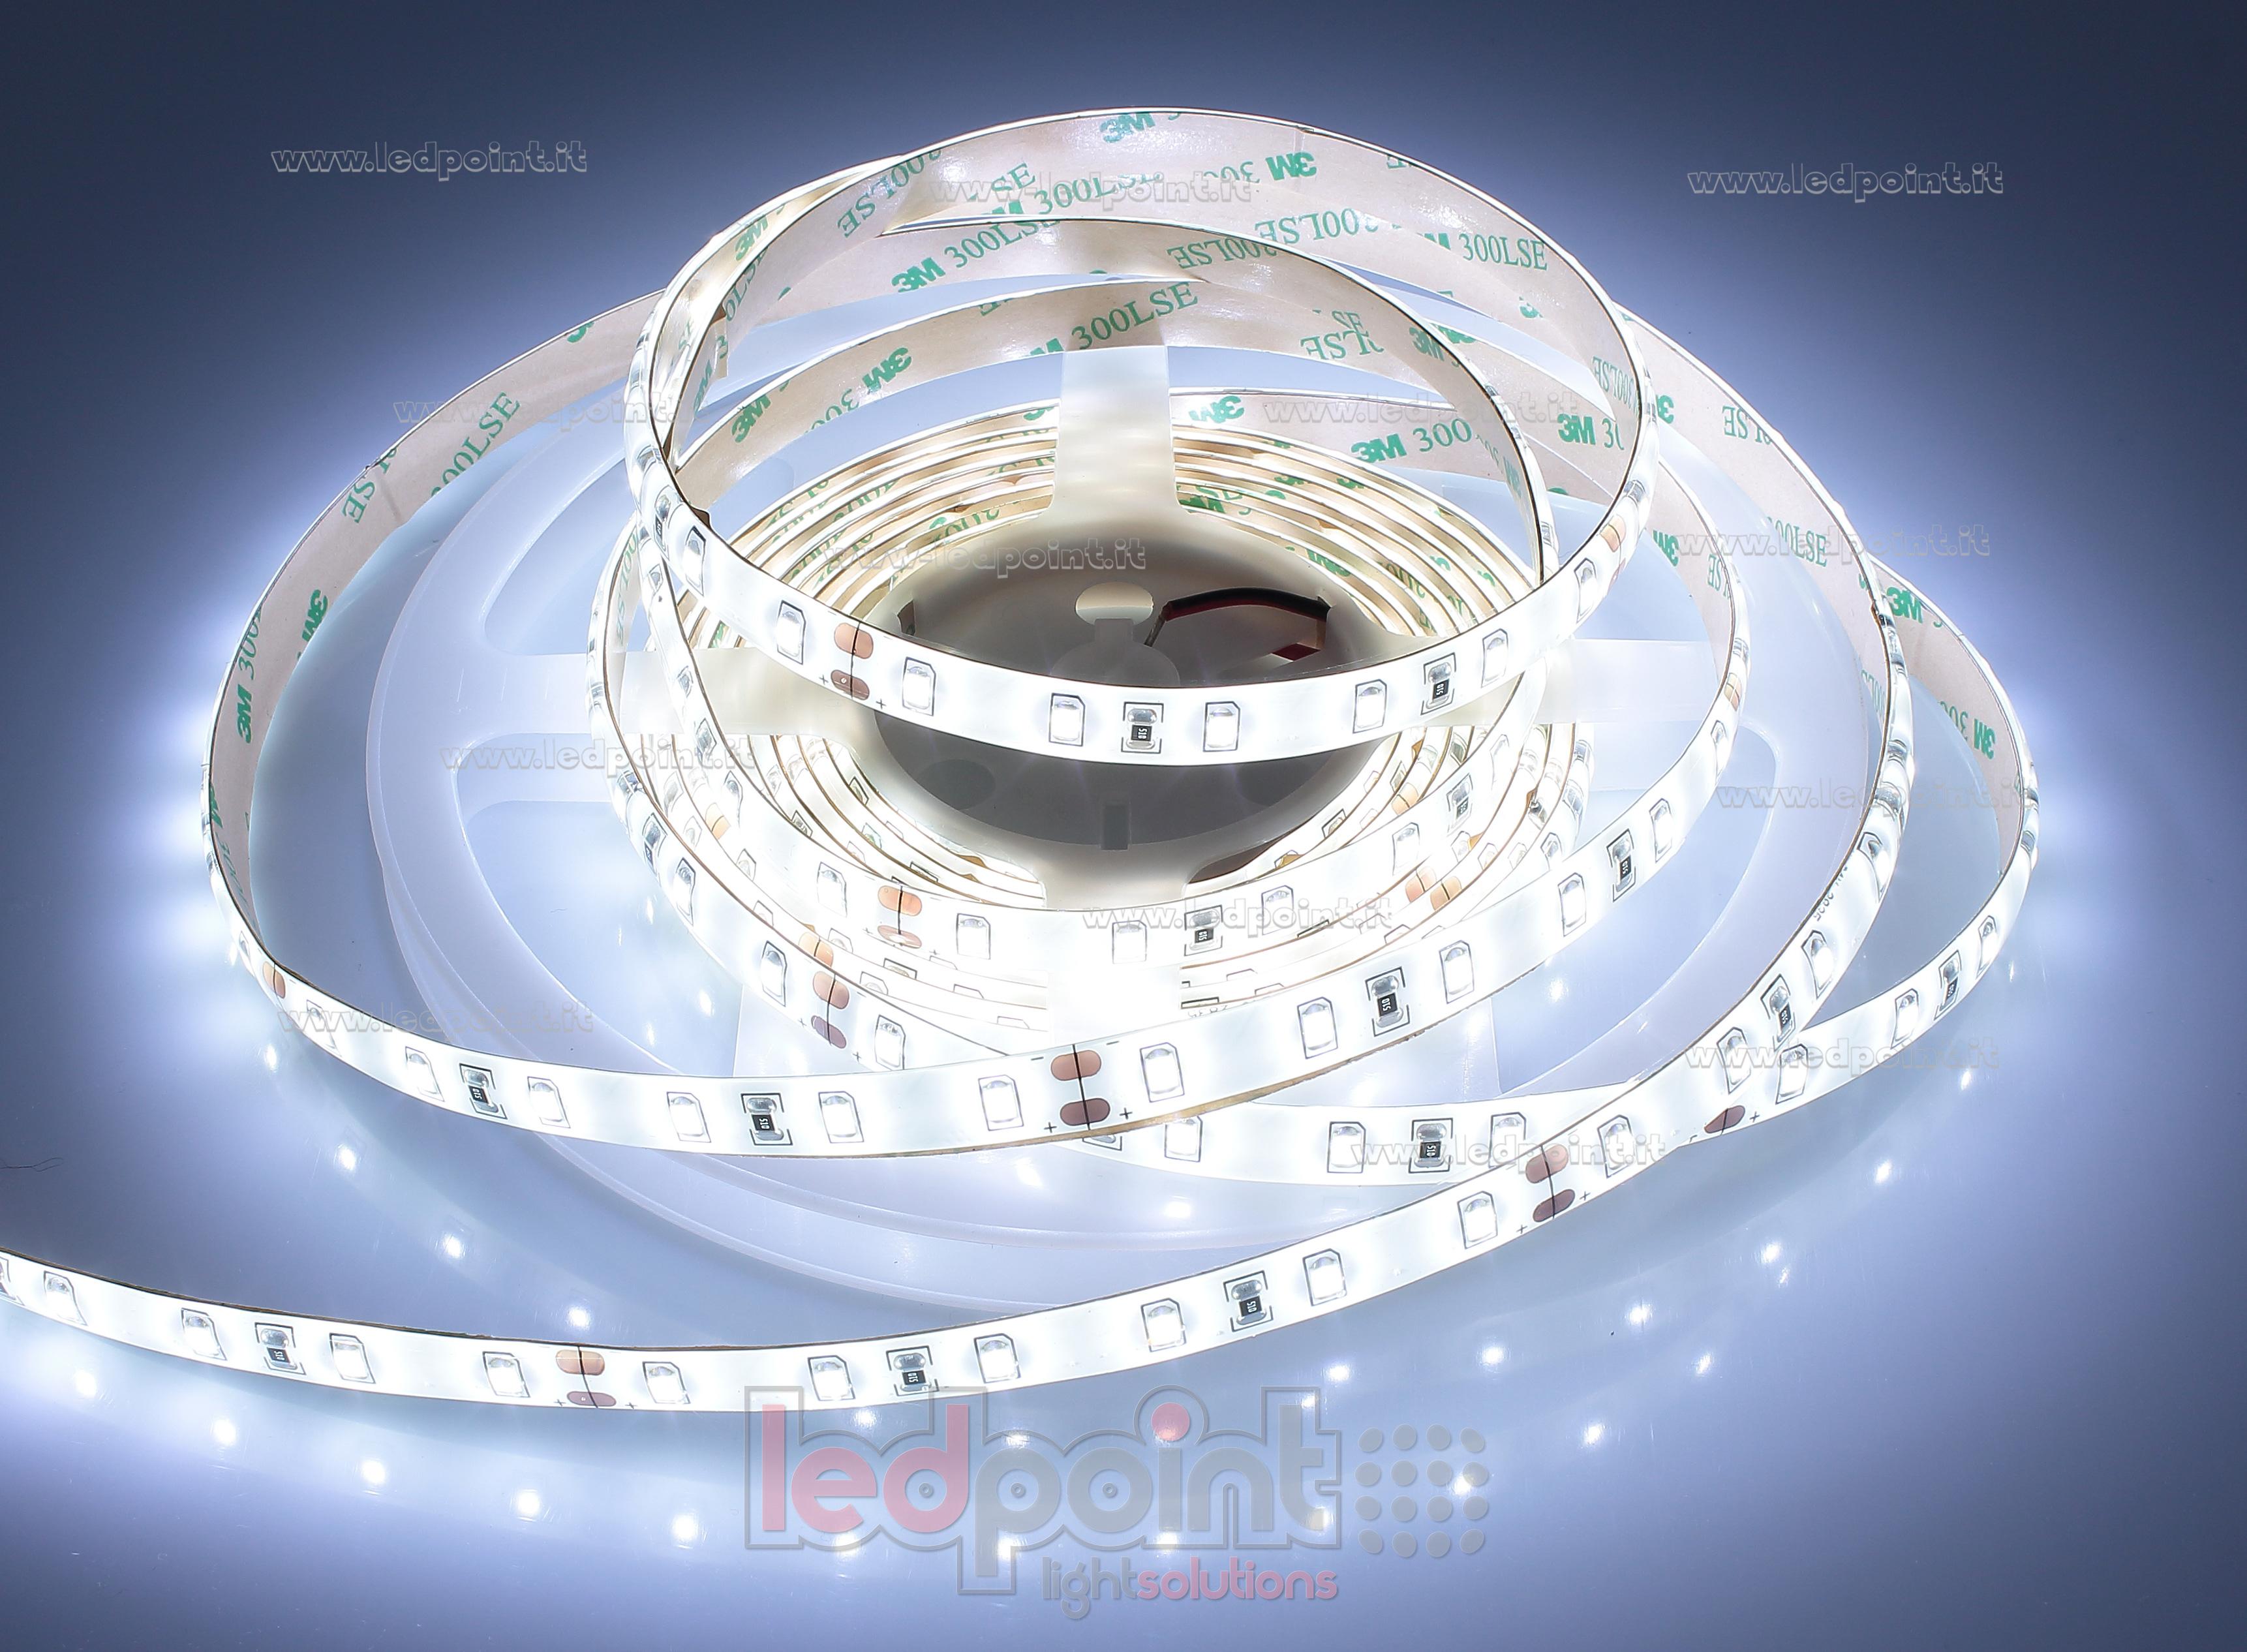 led strip 1m natural white 4000 4250k 60leds m ip53 ip65 2835 honglitronic 24v ledpoint s r l. Black Bedroom Furniture Sets. Home Design Ideas